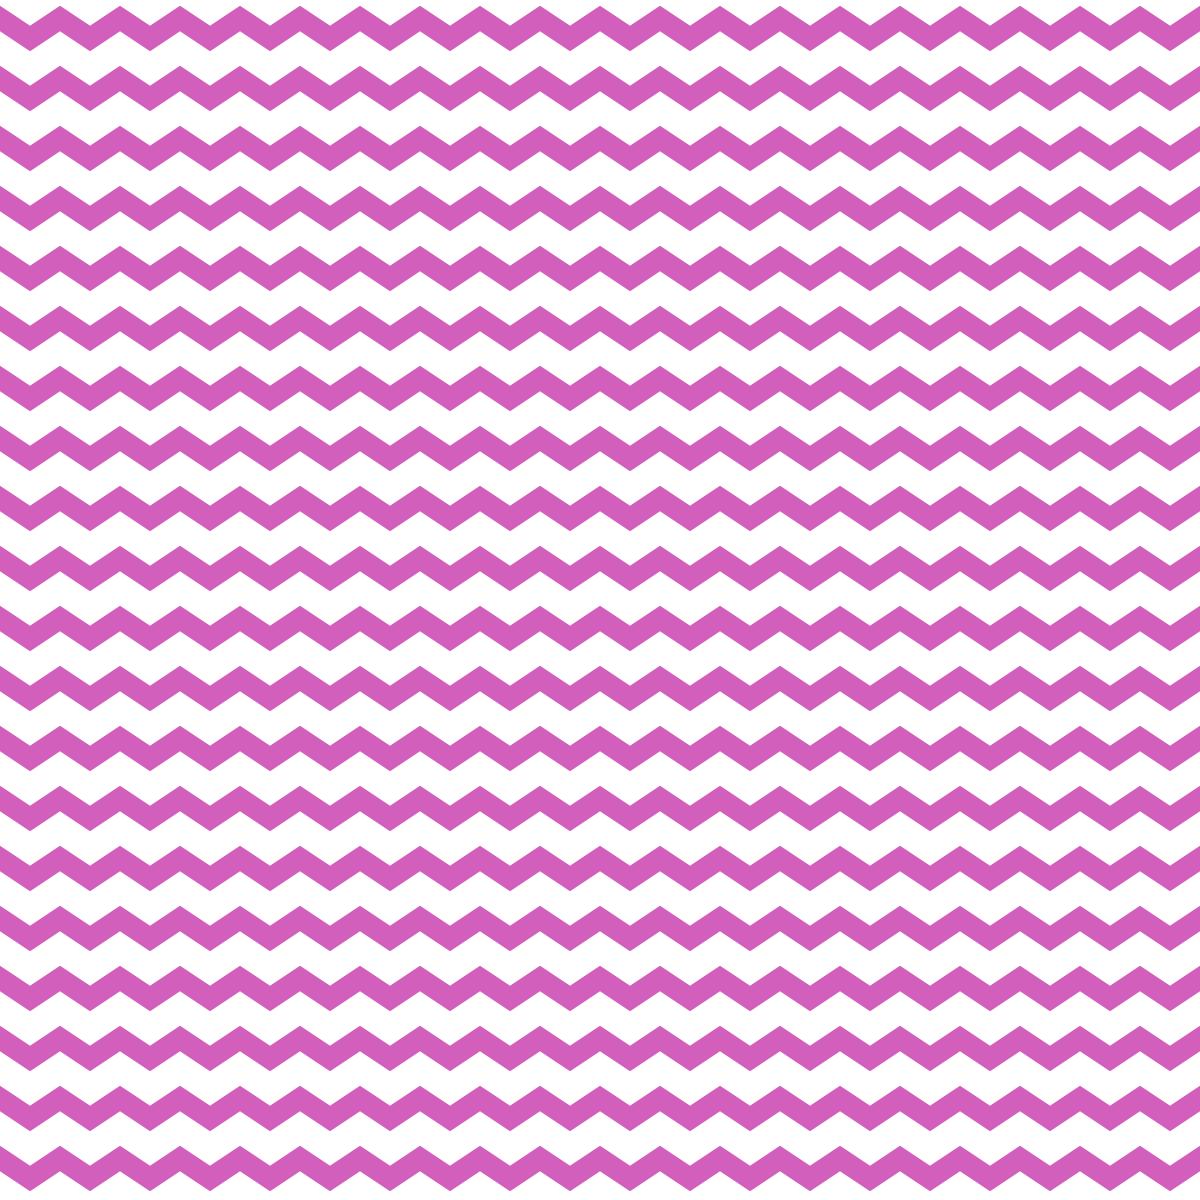 Purple and pink chevron pattern - photo#28